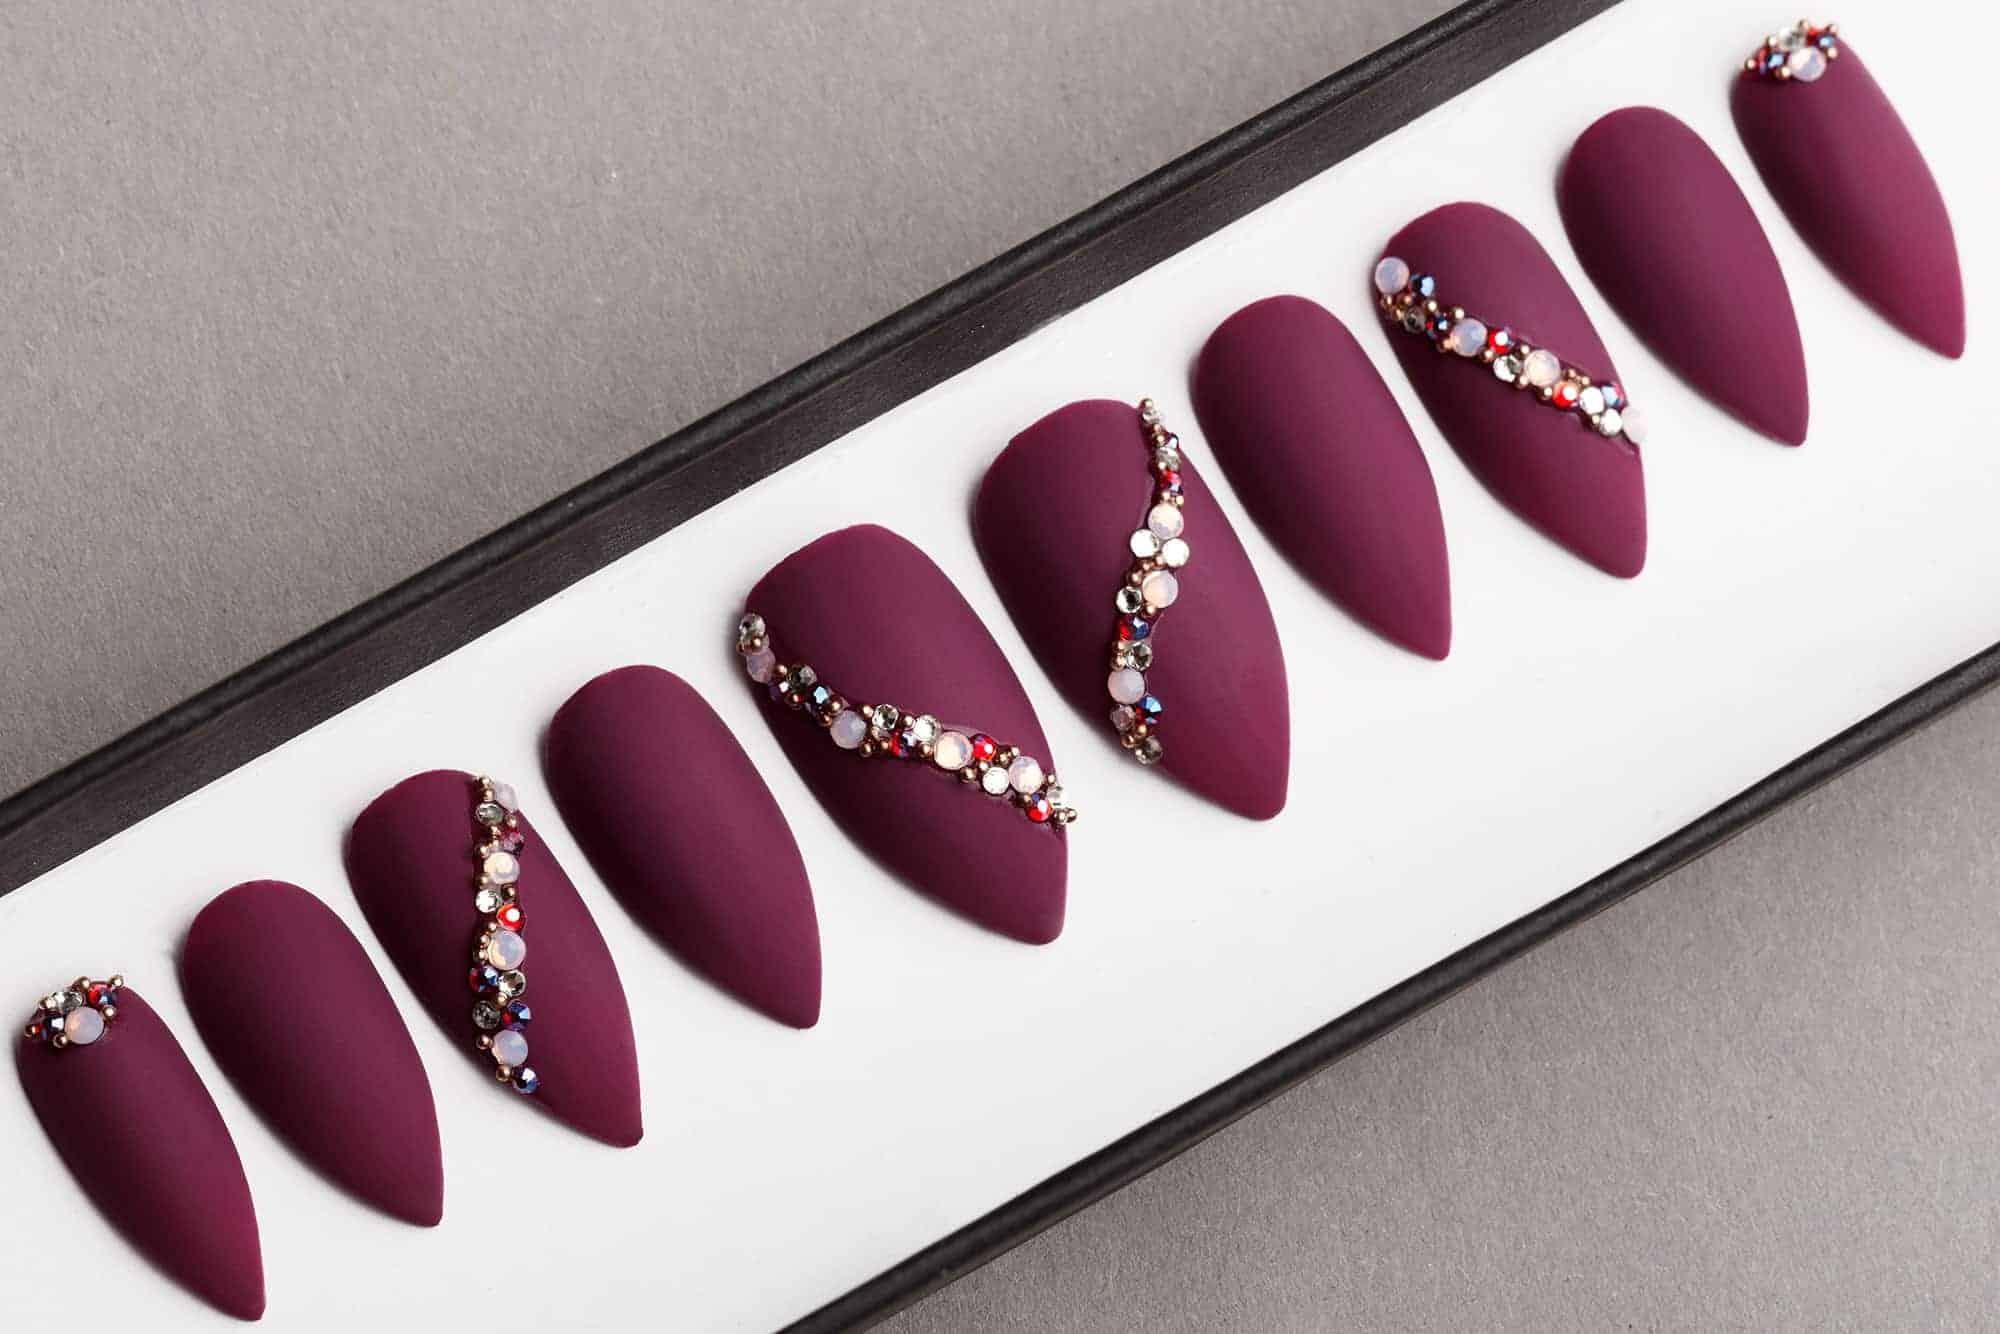 Burgundy Press on Nails with Swarovski Crystals | False Nails | Glue On Nails | Hand-painted Nail Art | Fake Nails